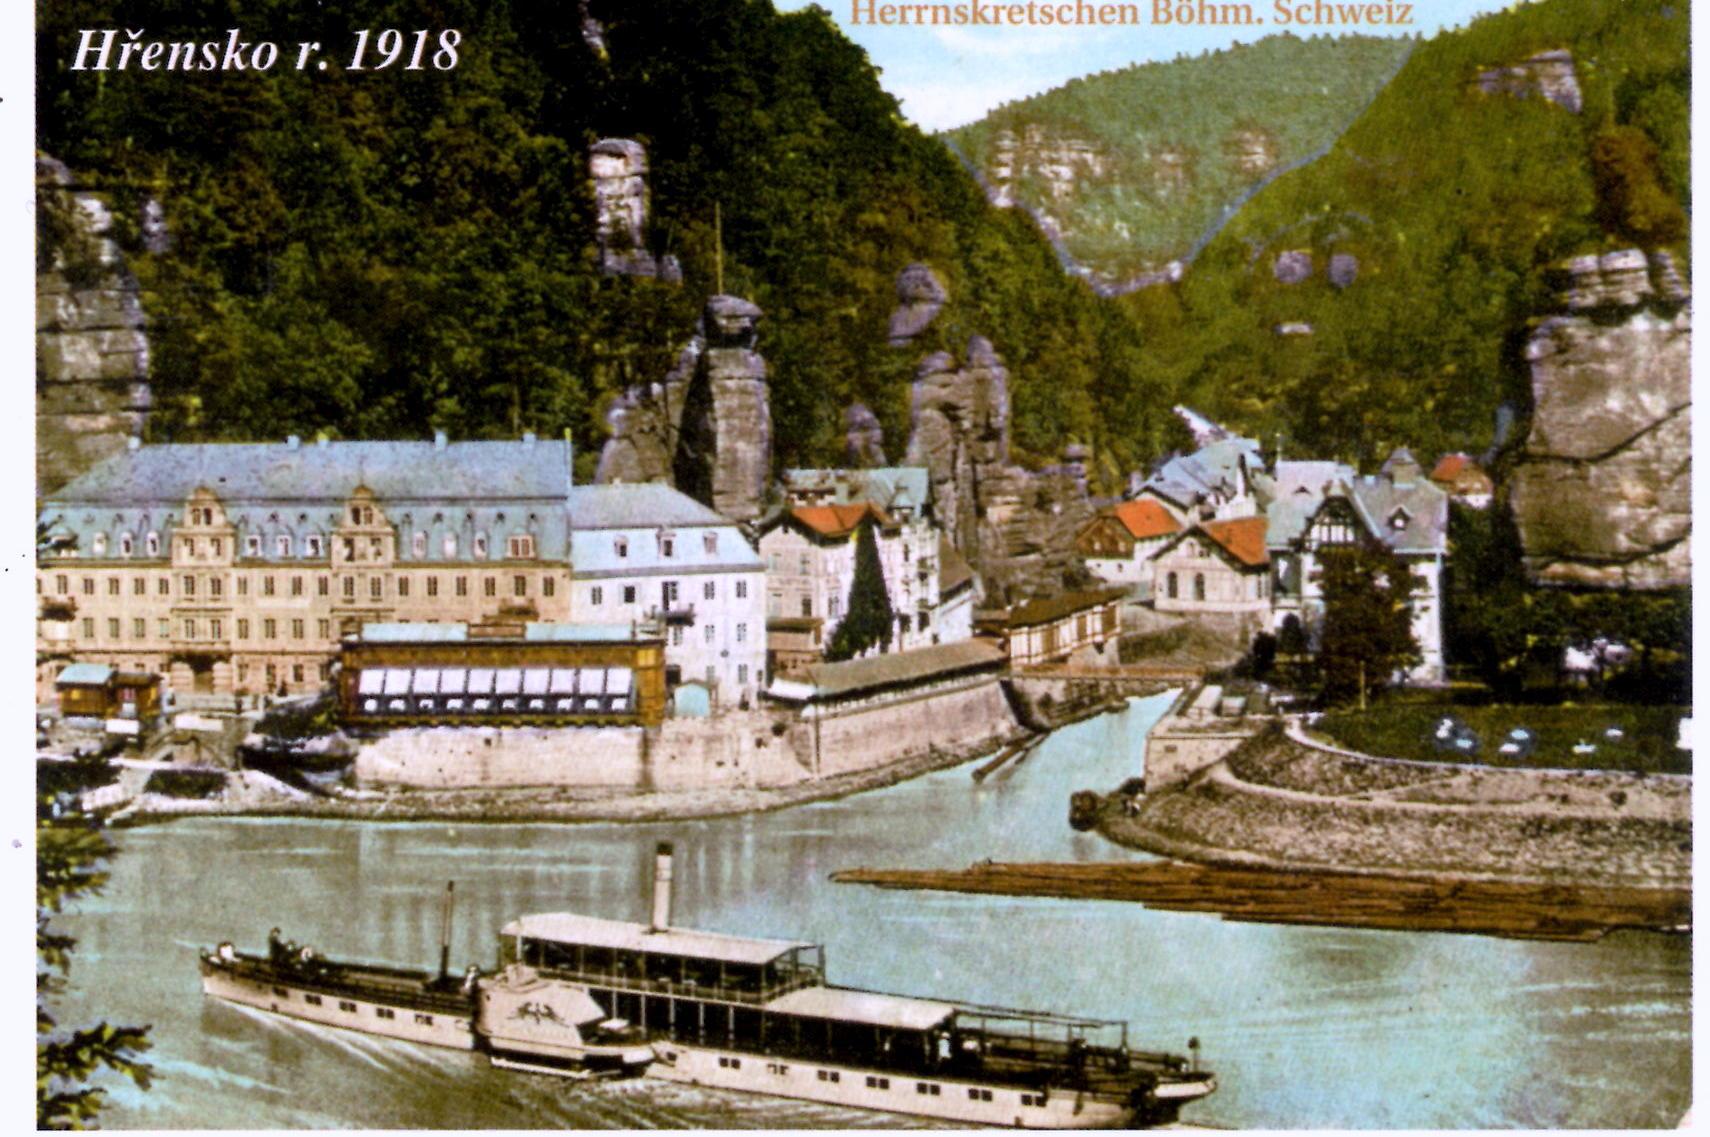 HŘENSKO 1918 v Českosaském Švýcarsku